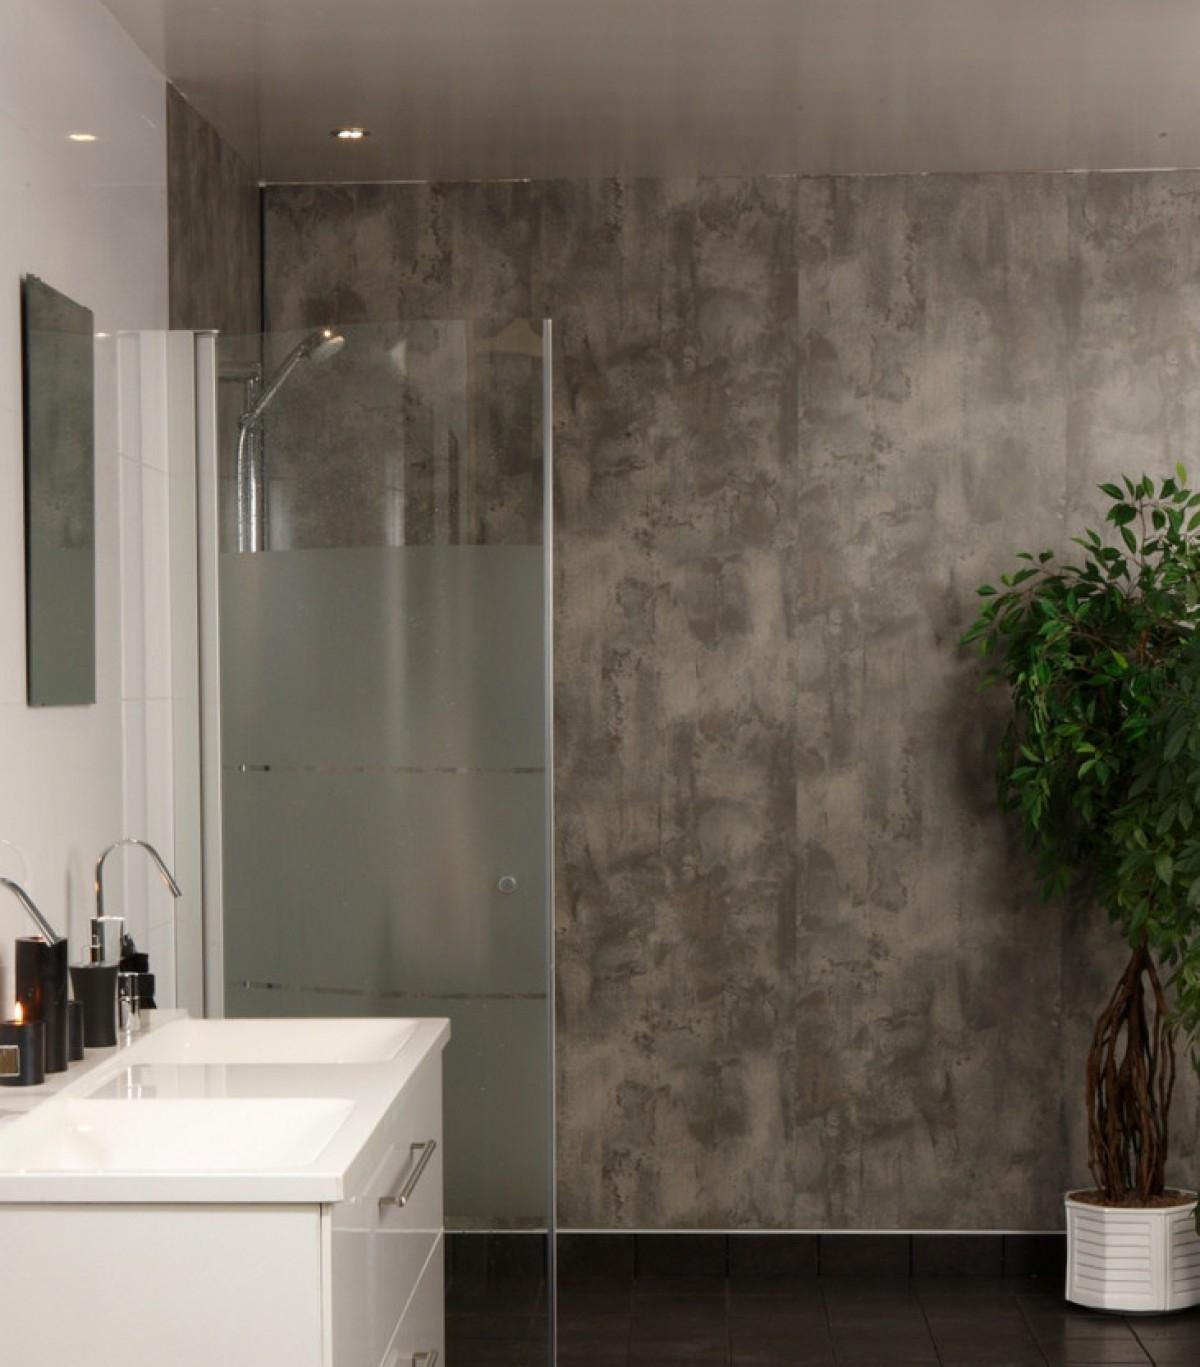 Spa panelen als wandversiering in de badkamer | Blog Sanifun